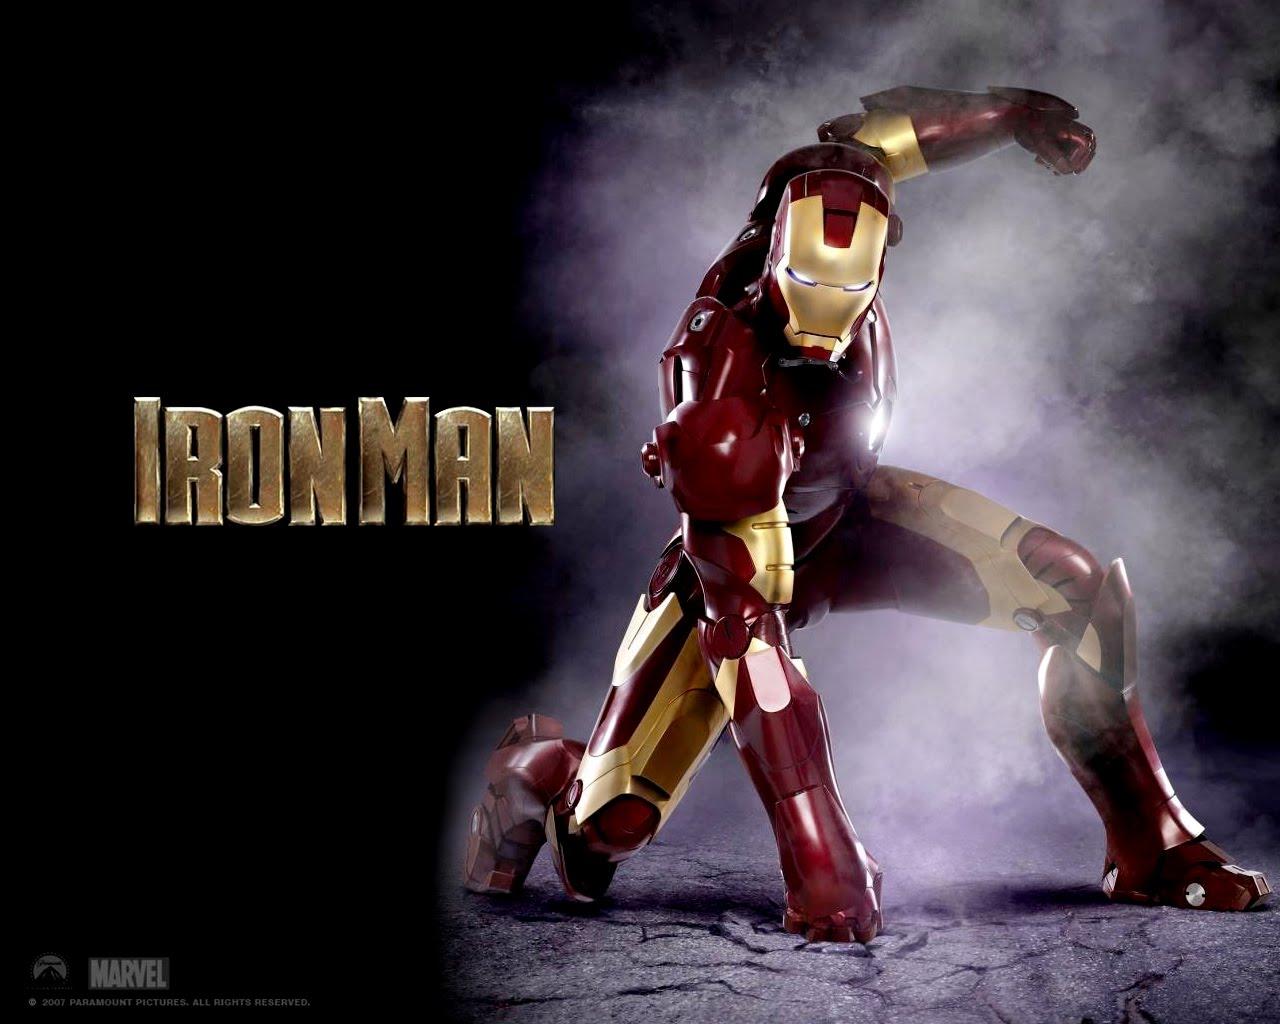 Iron Man 2 full film izle - Türkçe dublaj yüksek kalite sinema izle